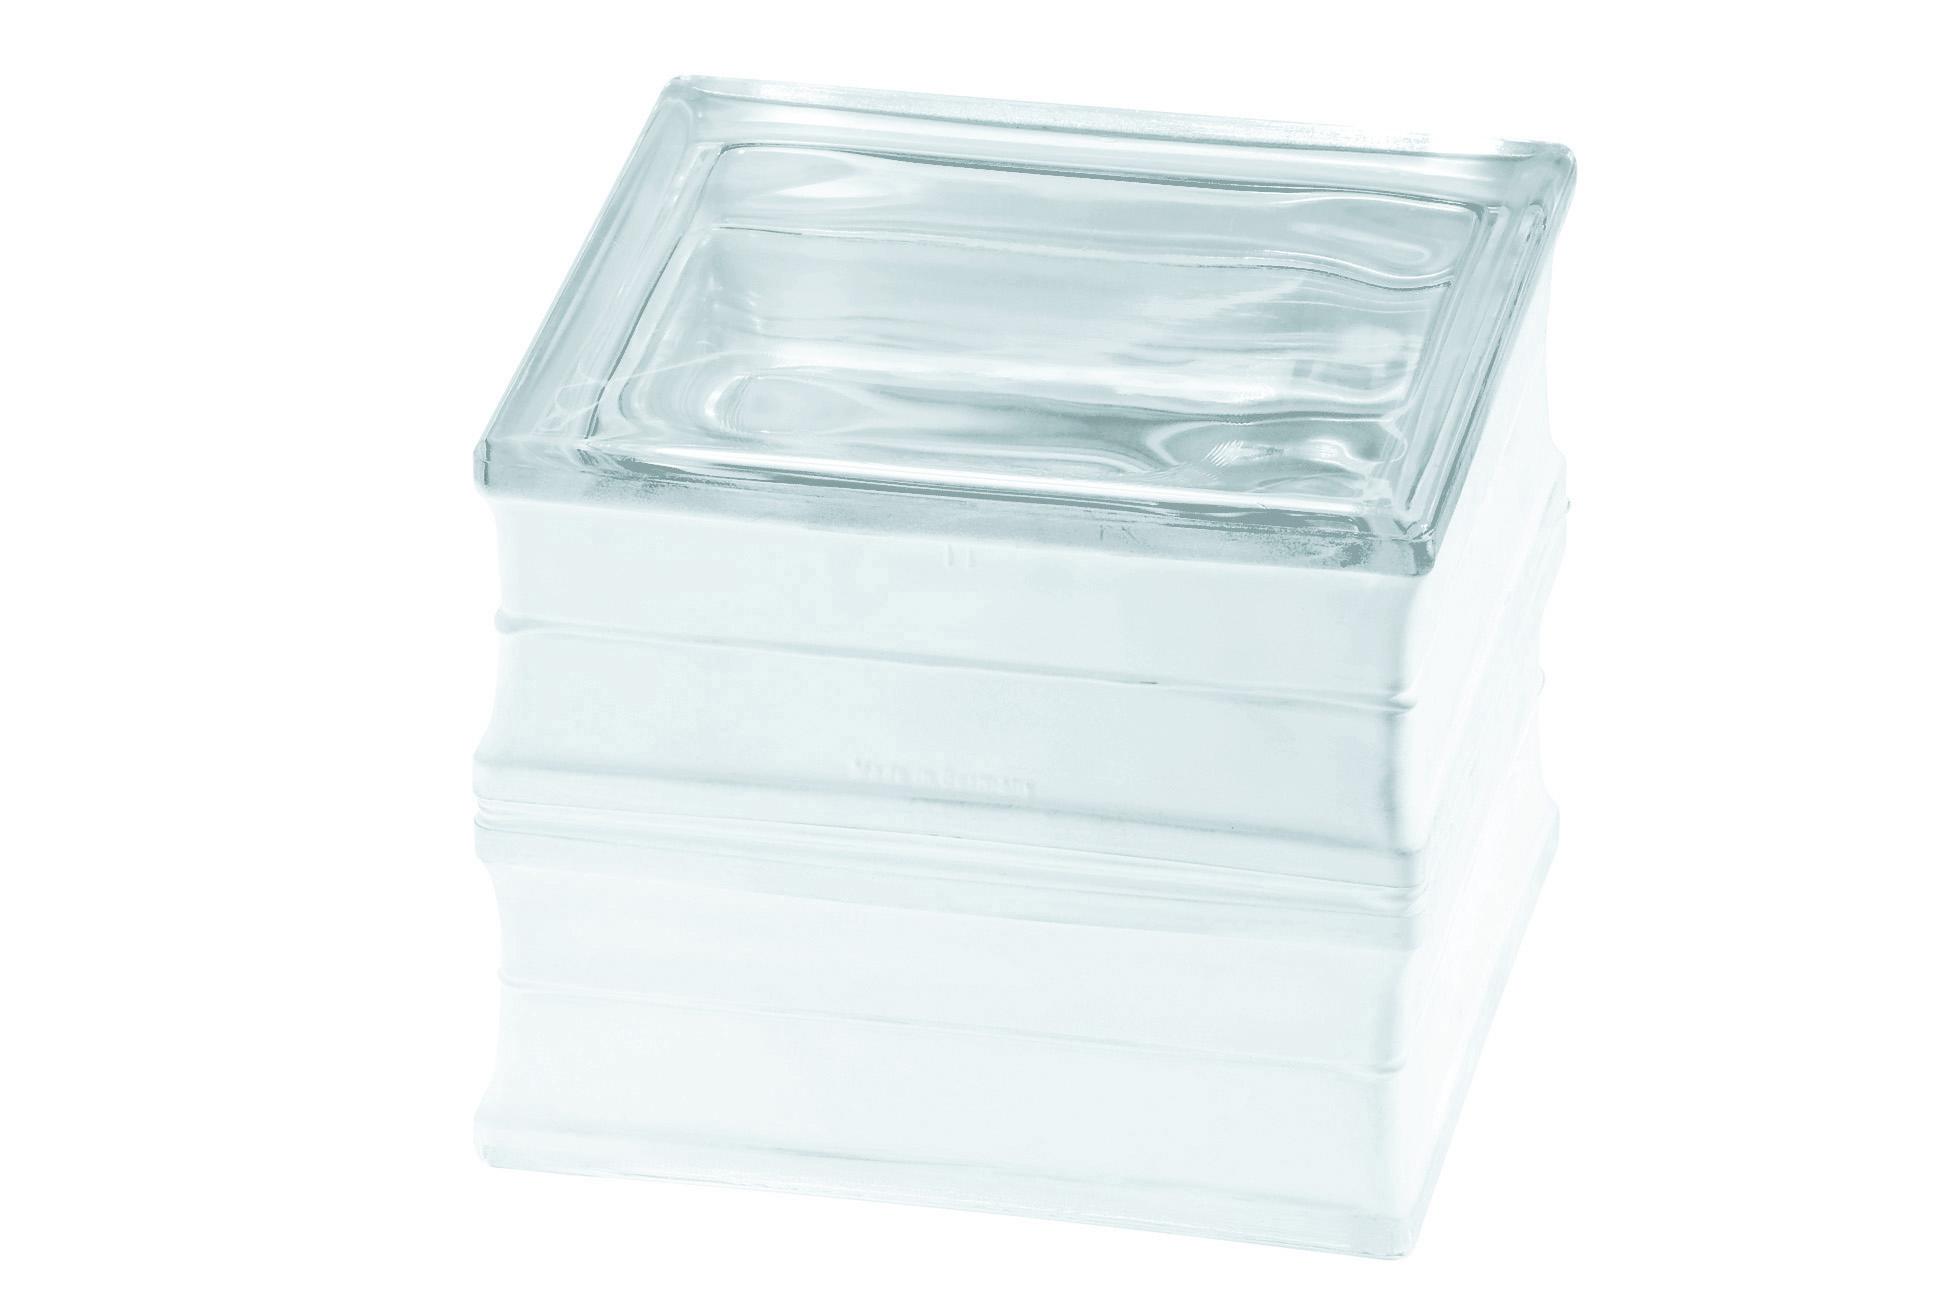 Bloques de vidrio resistentes al fuego